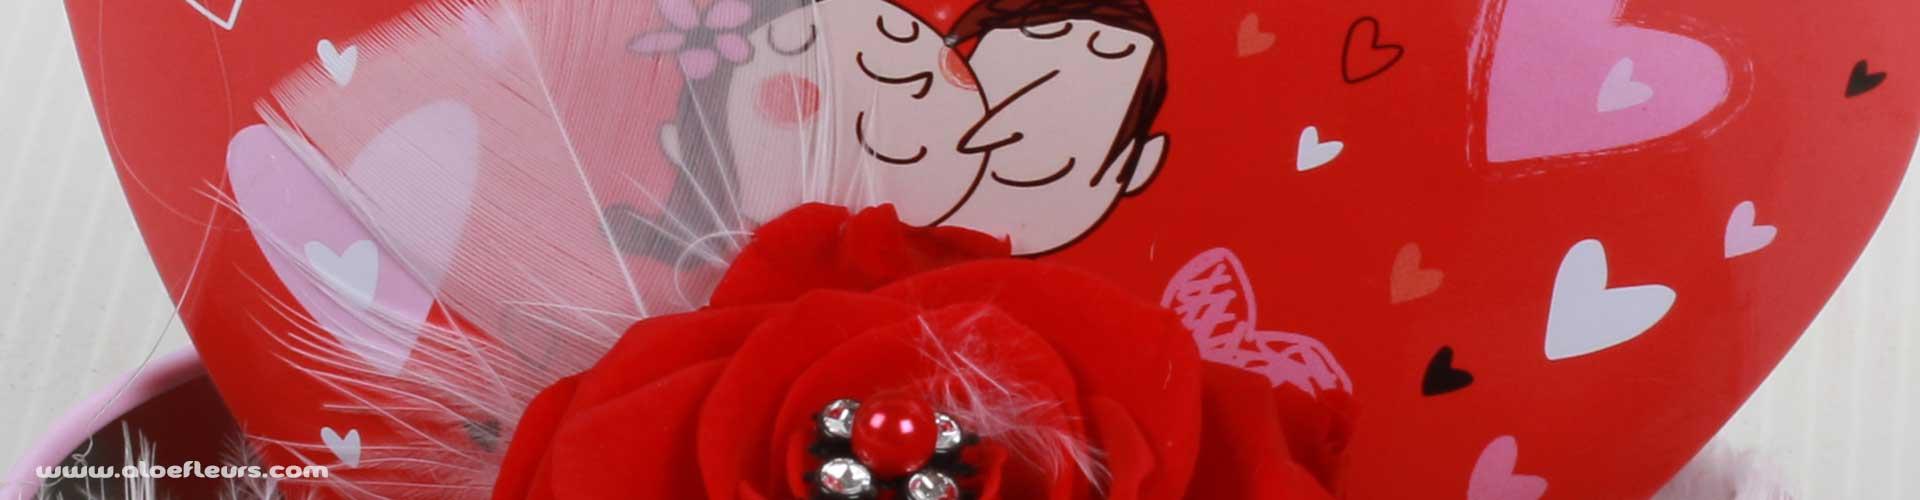 Slide-saint-valentin-bouquet-de-fleurs